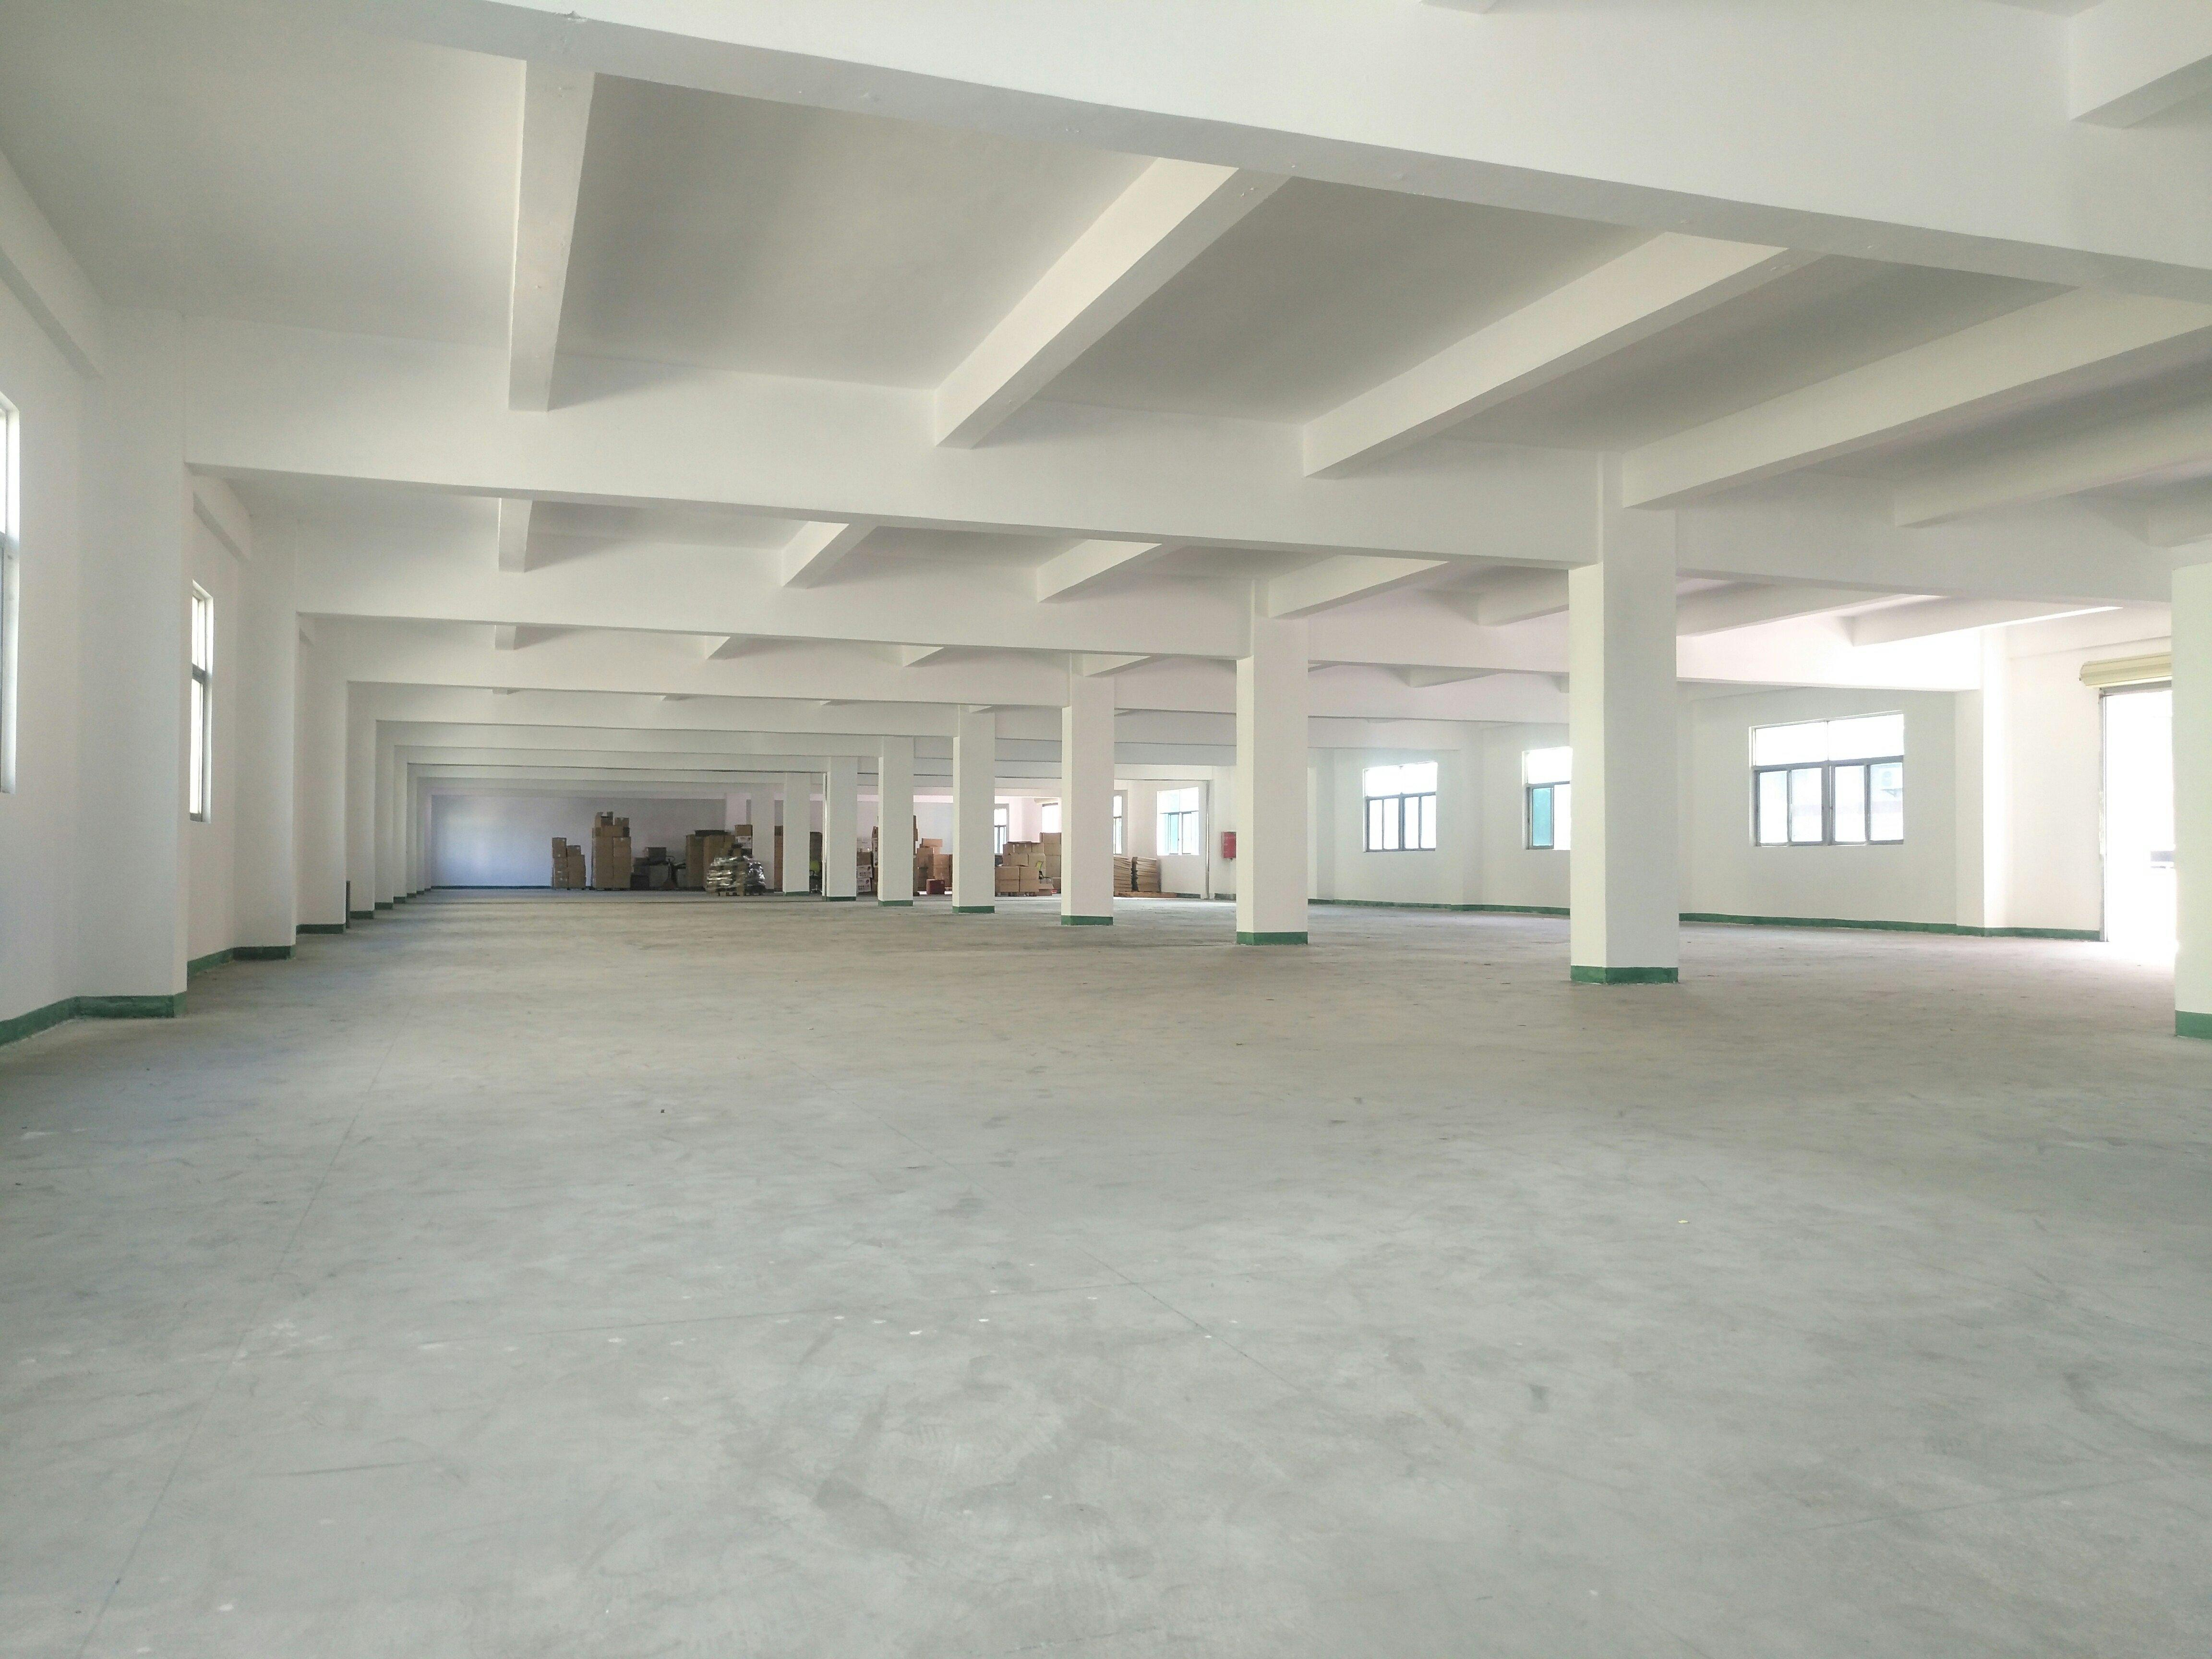 清溪镇全新标准厂房1至6层,每层4000平方分租-图4